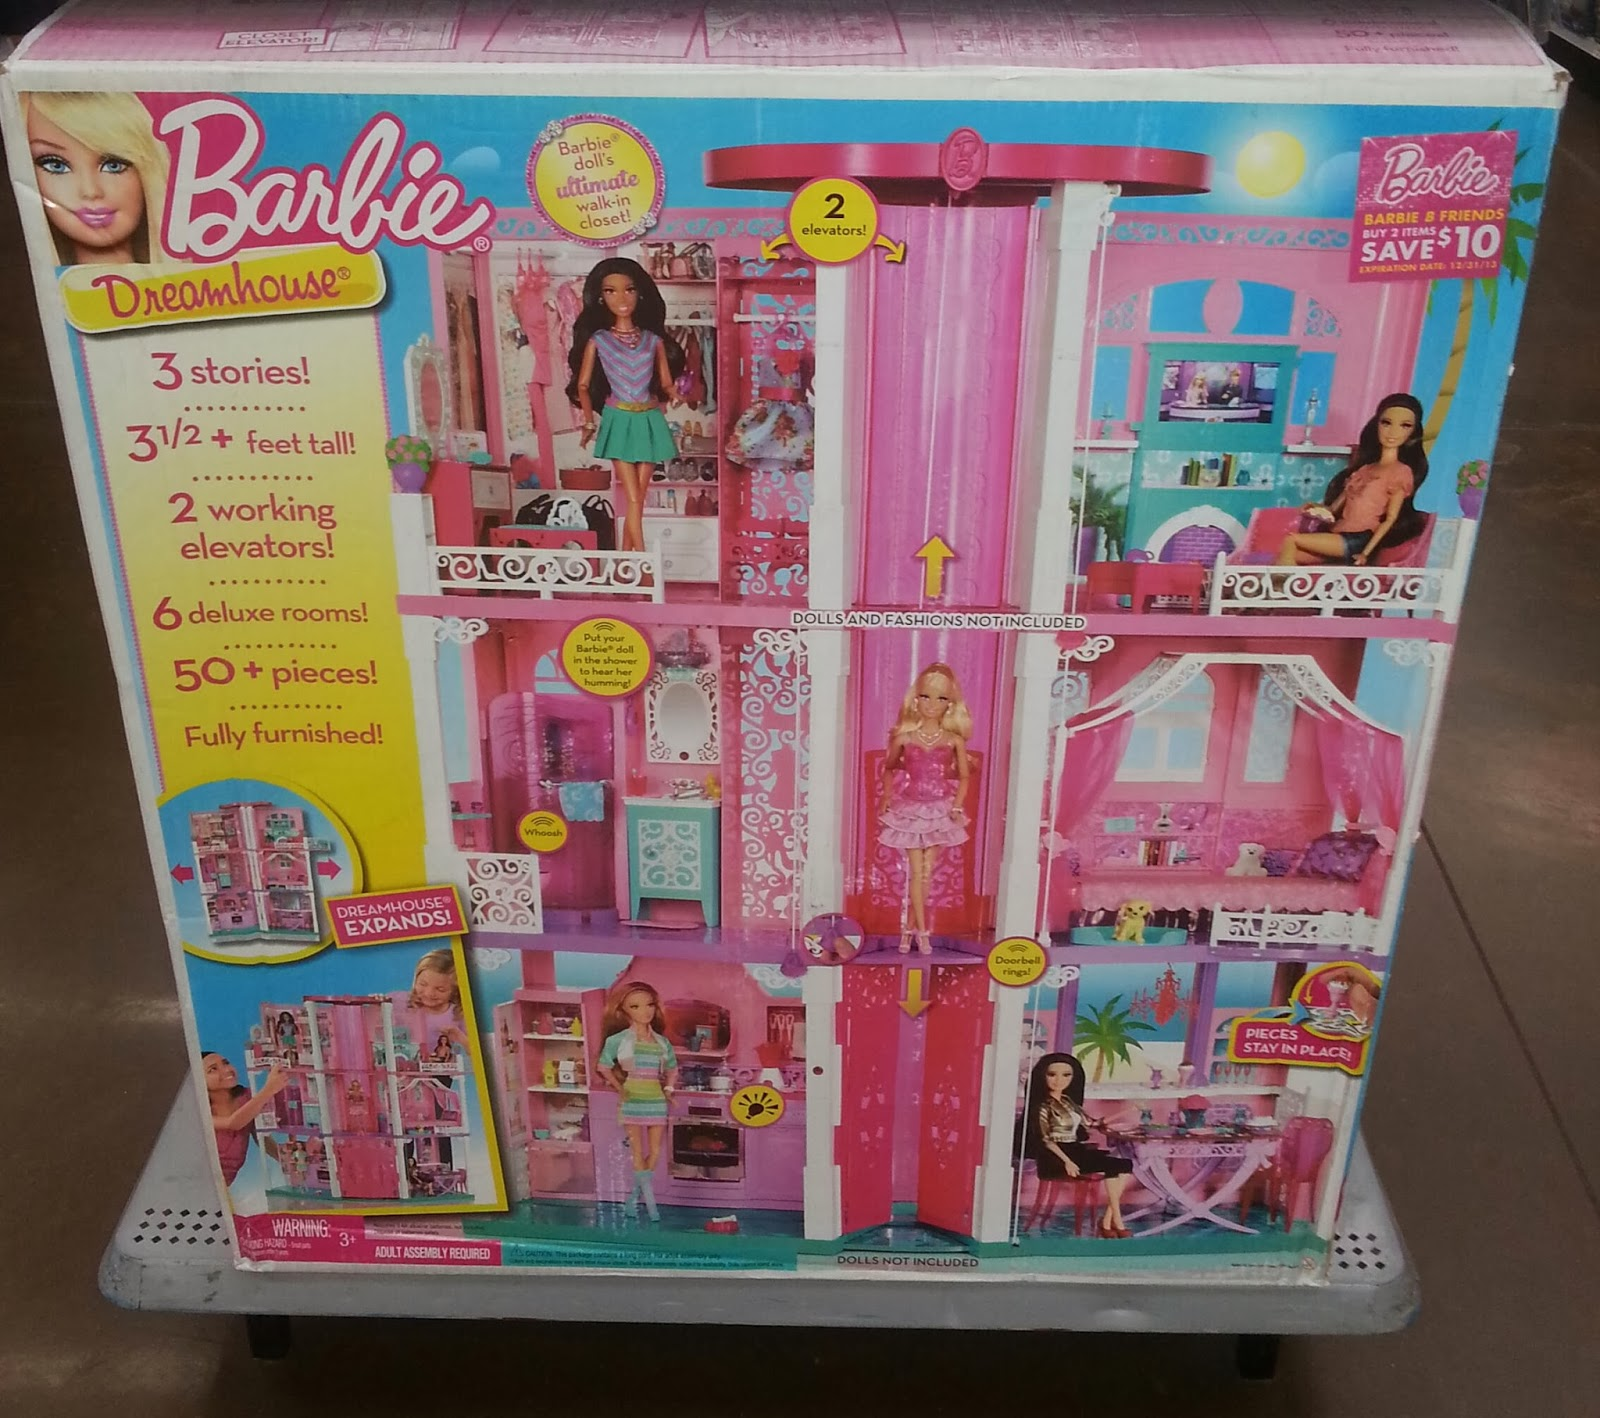 pessoal trouxe para vocês mais uma foto real da Dreamhouse da Barbie  #A48C27 1600x1418 Banheiro Da Barbie Comprar